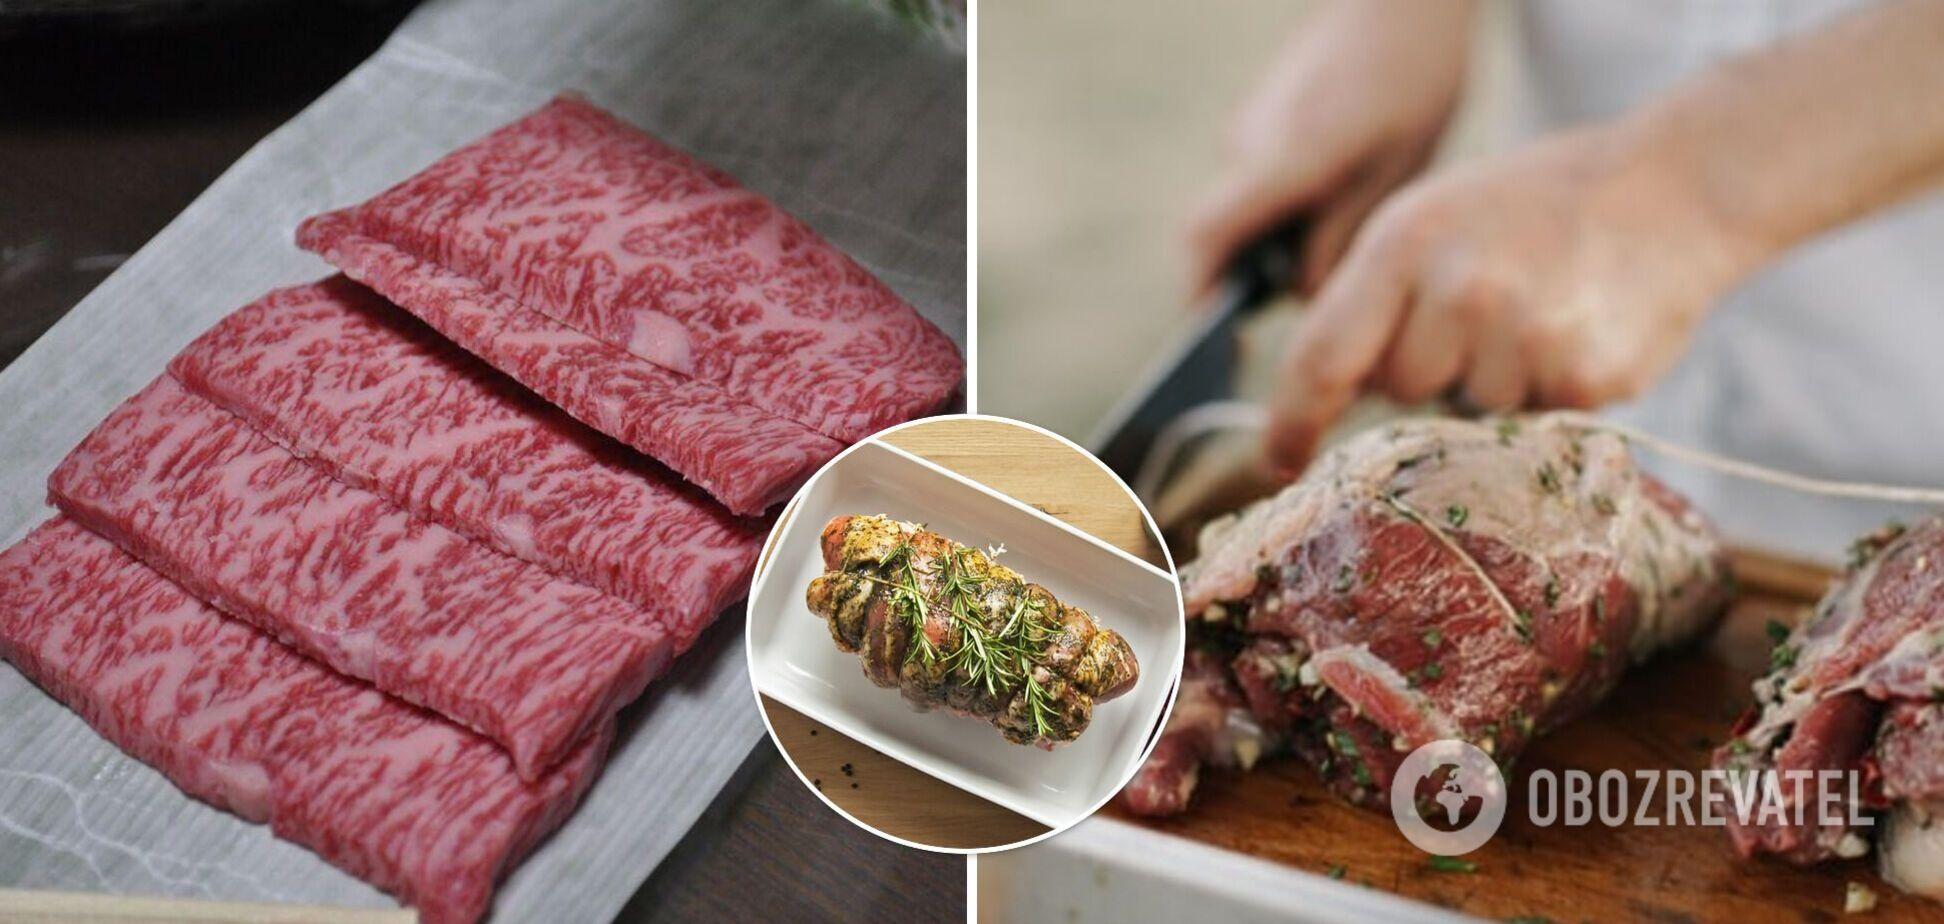 В Японии напечатали на 3D-принтере самую дорогую говядину и раскрыли секрет технологии